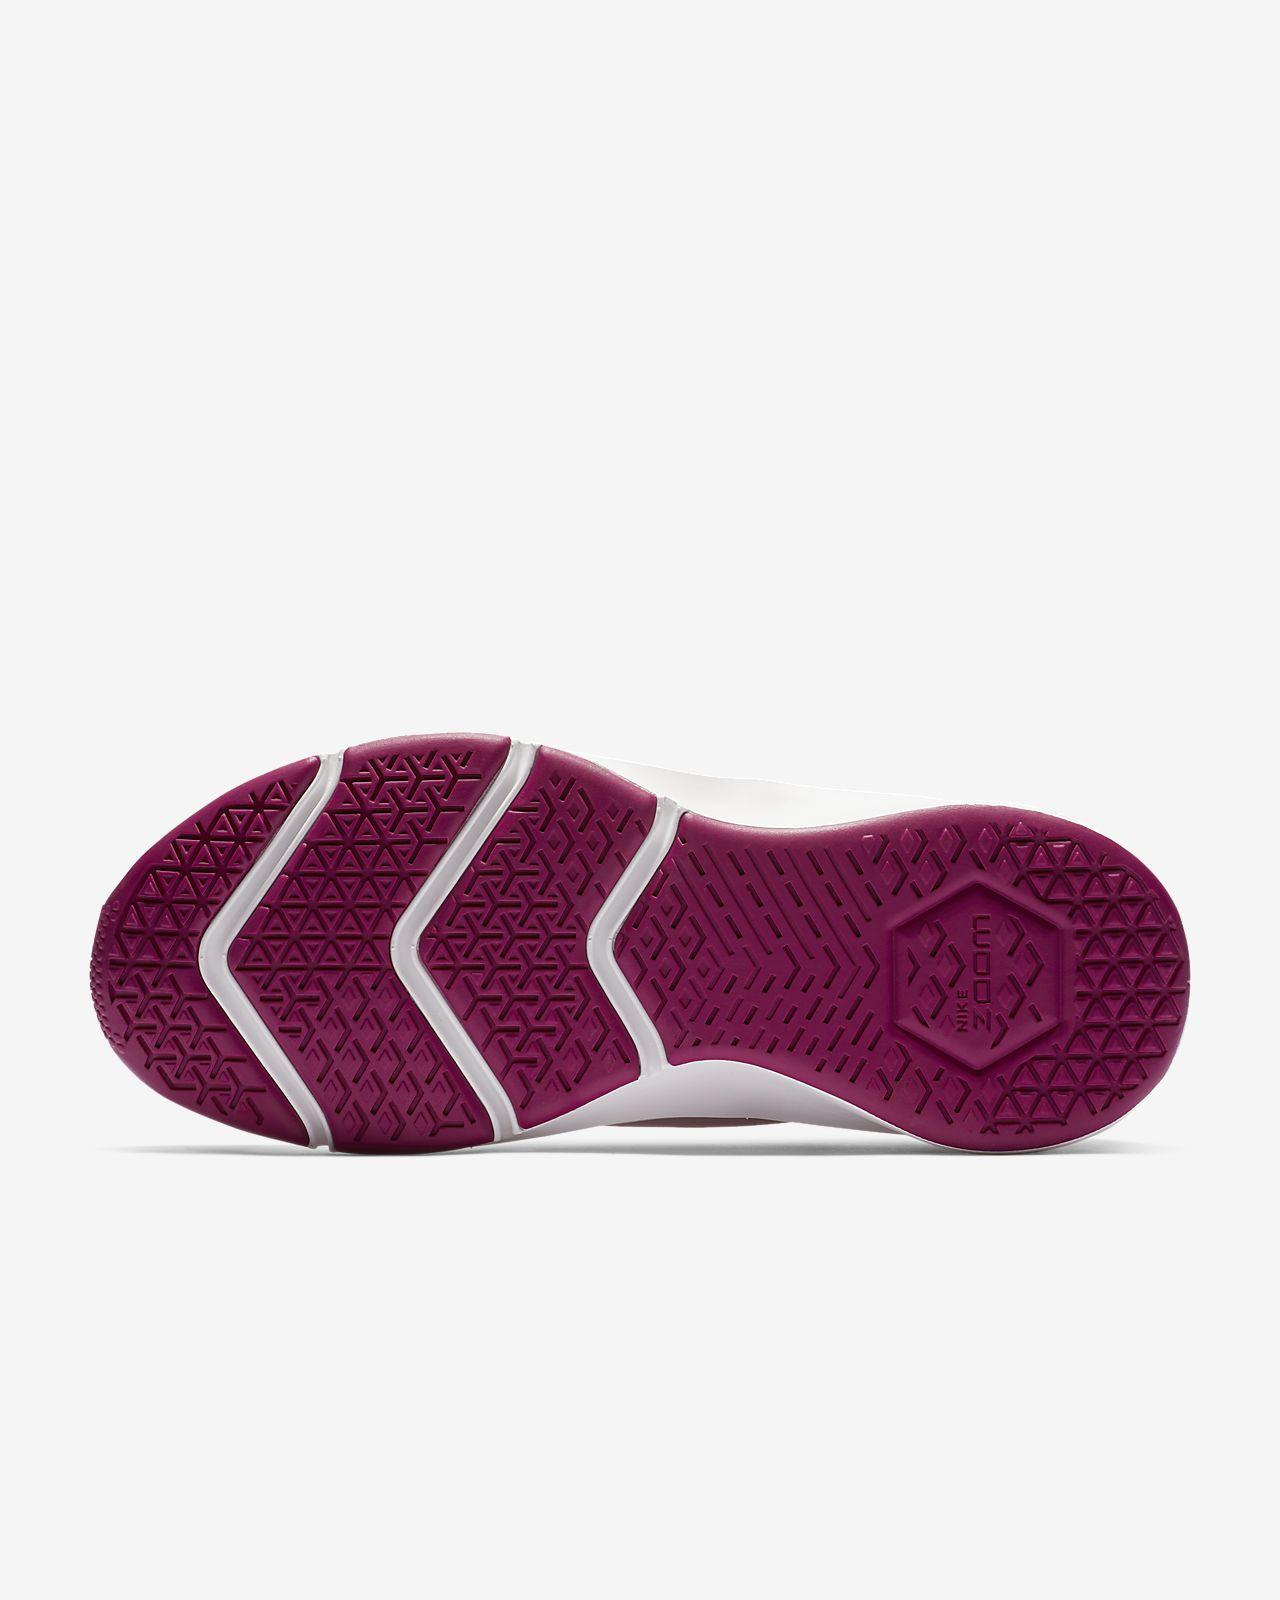 d857bd2d6e0 ... Dámská bota Nike Air Zoom Elevate do fitka